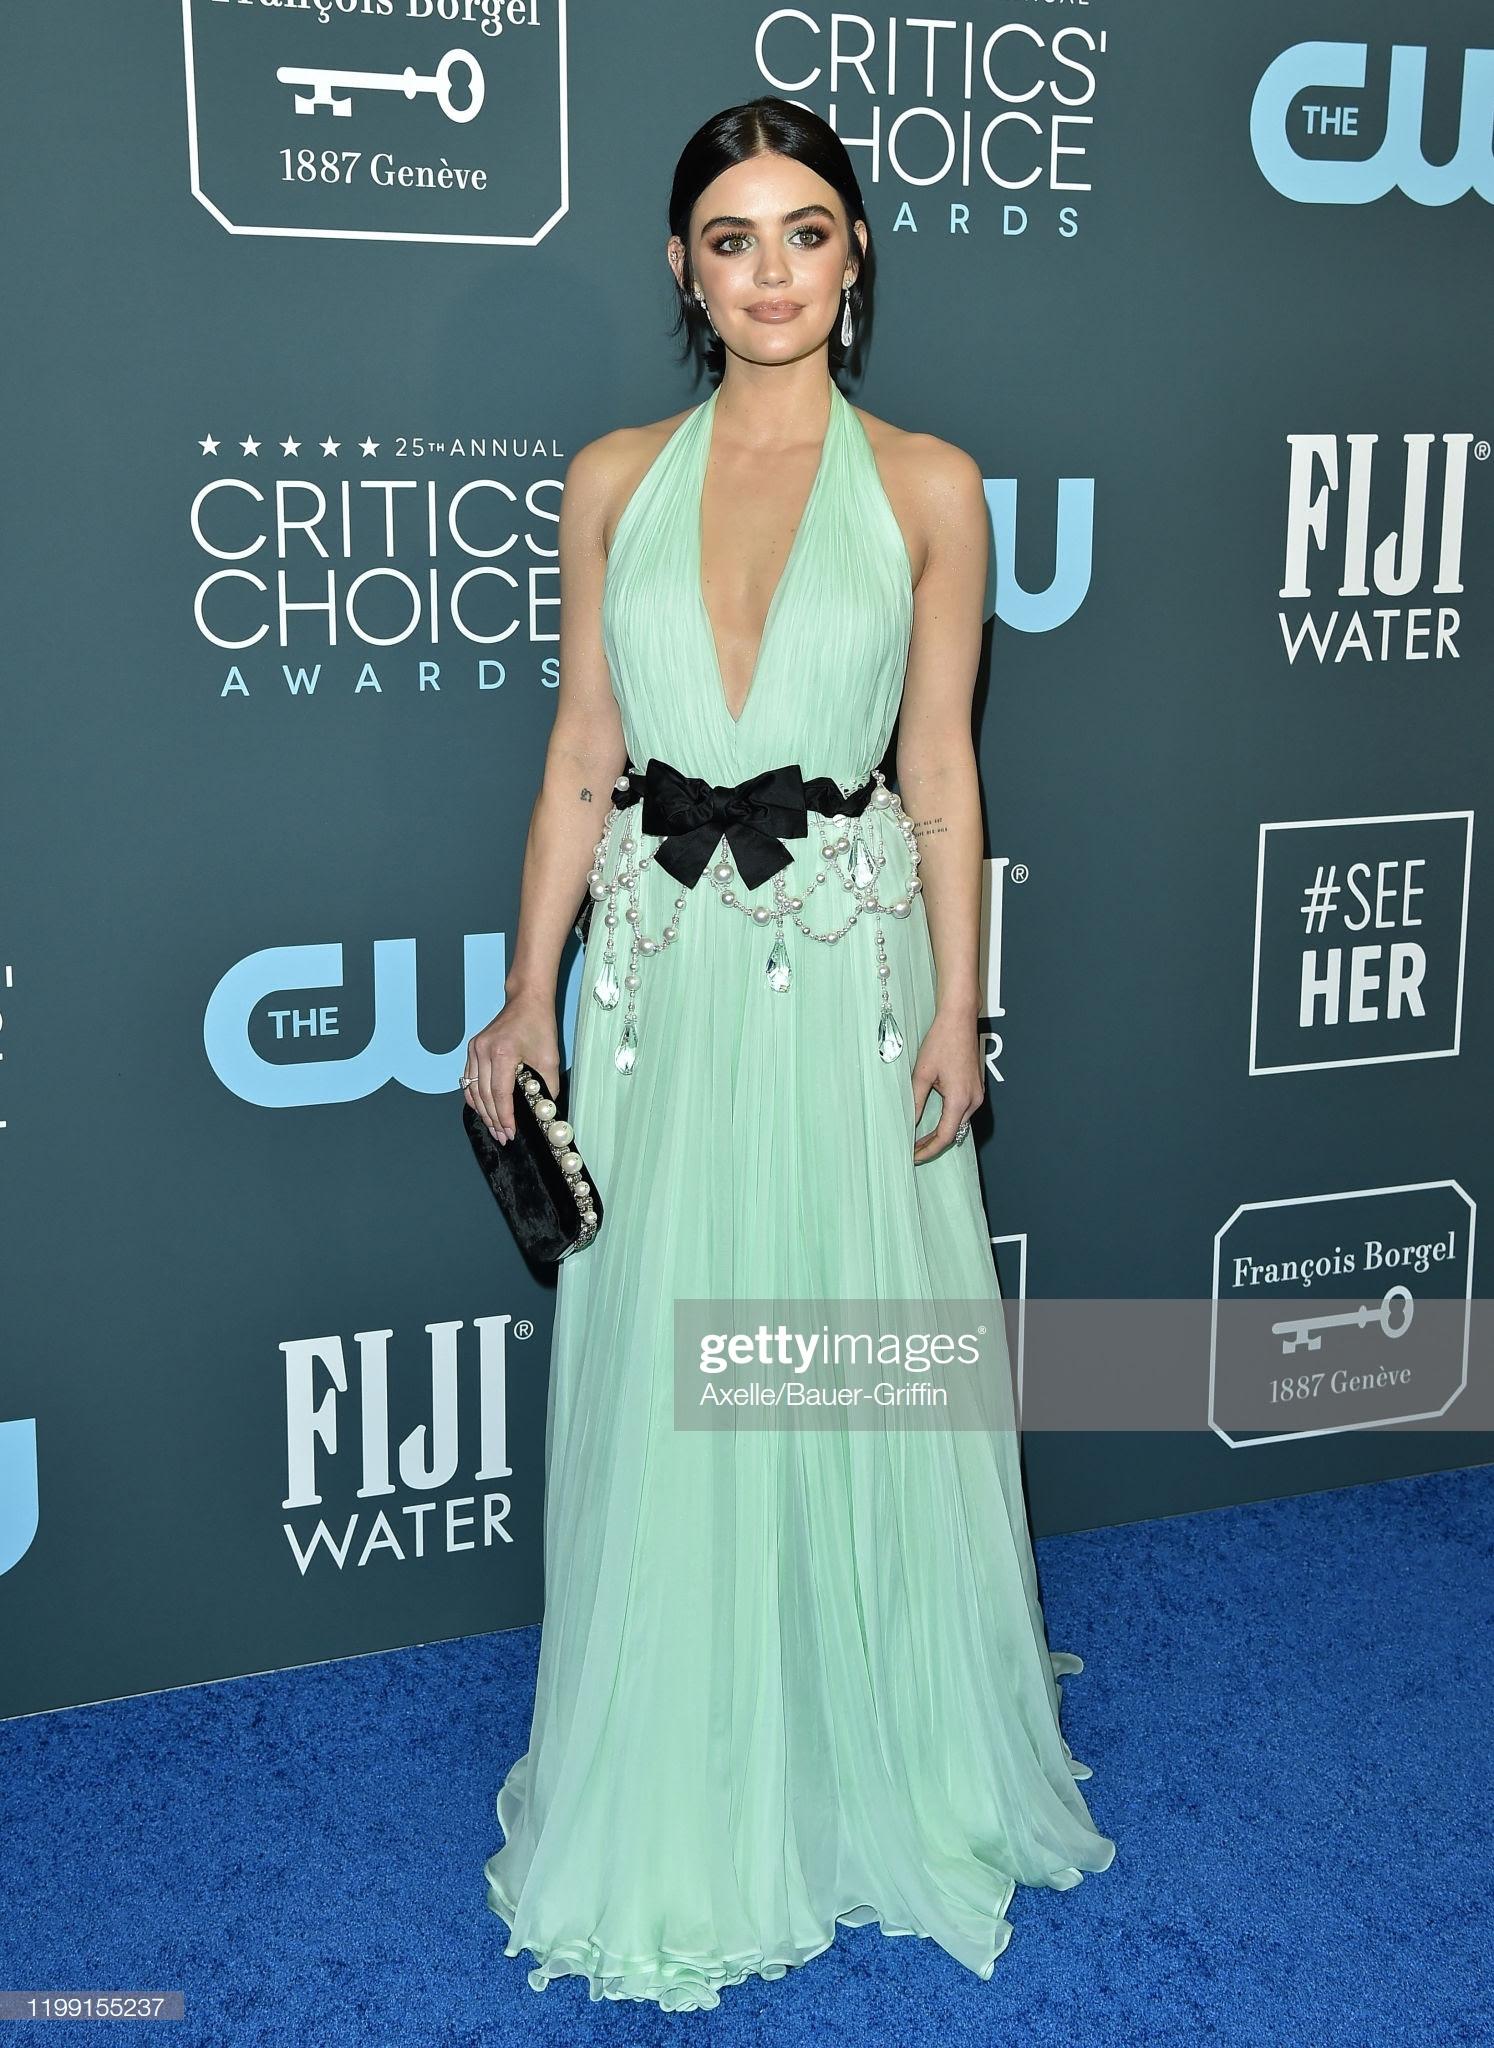 4a13ab7b 4d71 4bed 88e5 8d82aea67115 - Jennifer Lopez y Emily,entre las celebrities que apostaron por Jimmy Choo en los Critics' Choice Awards